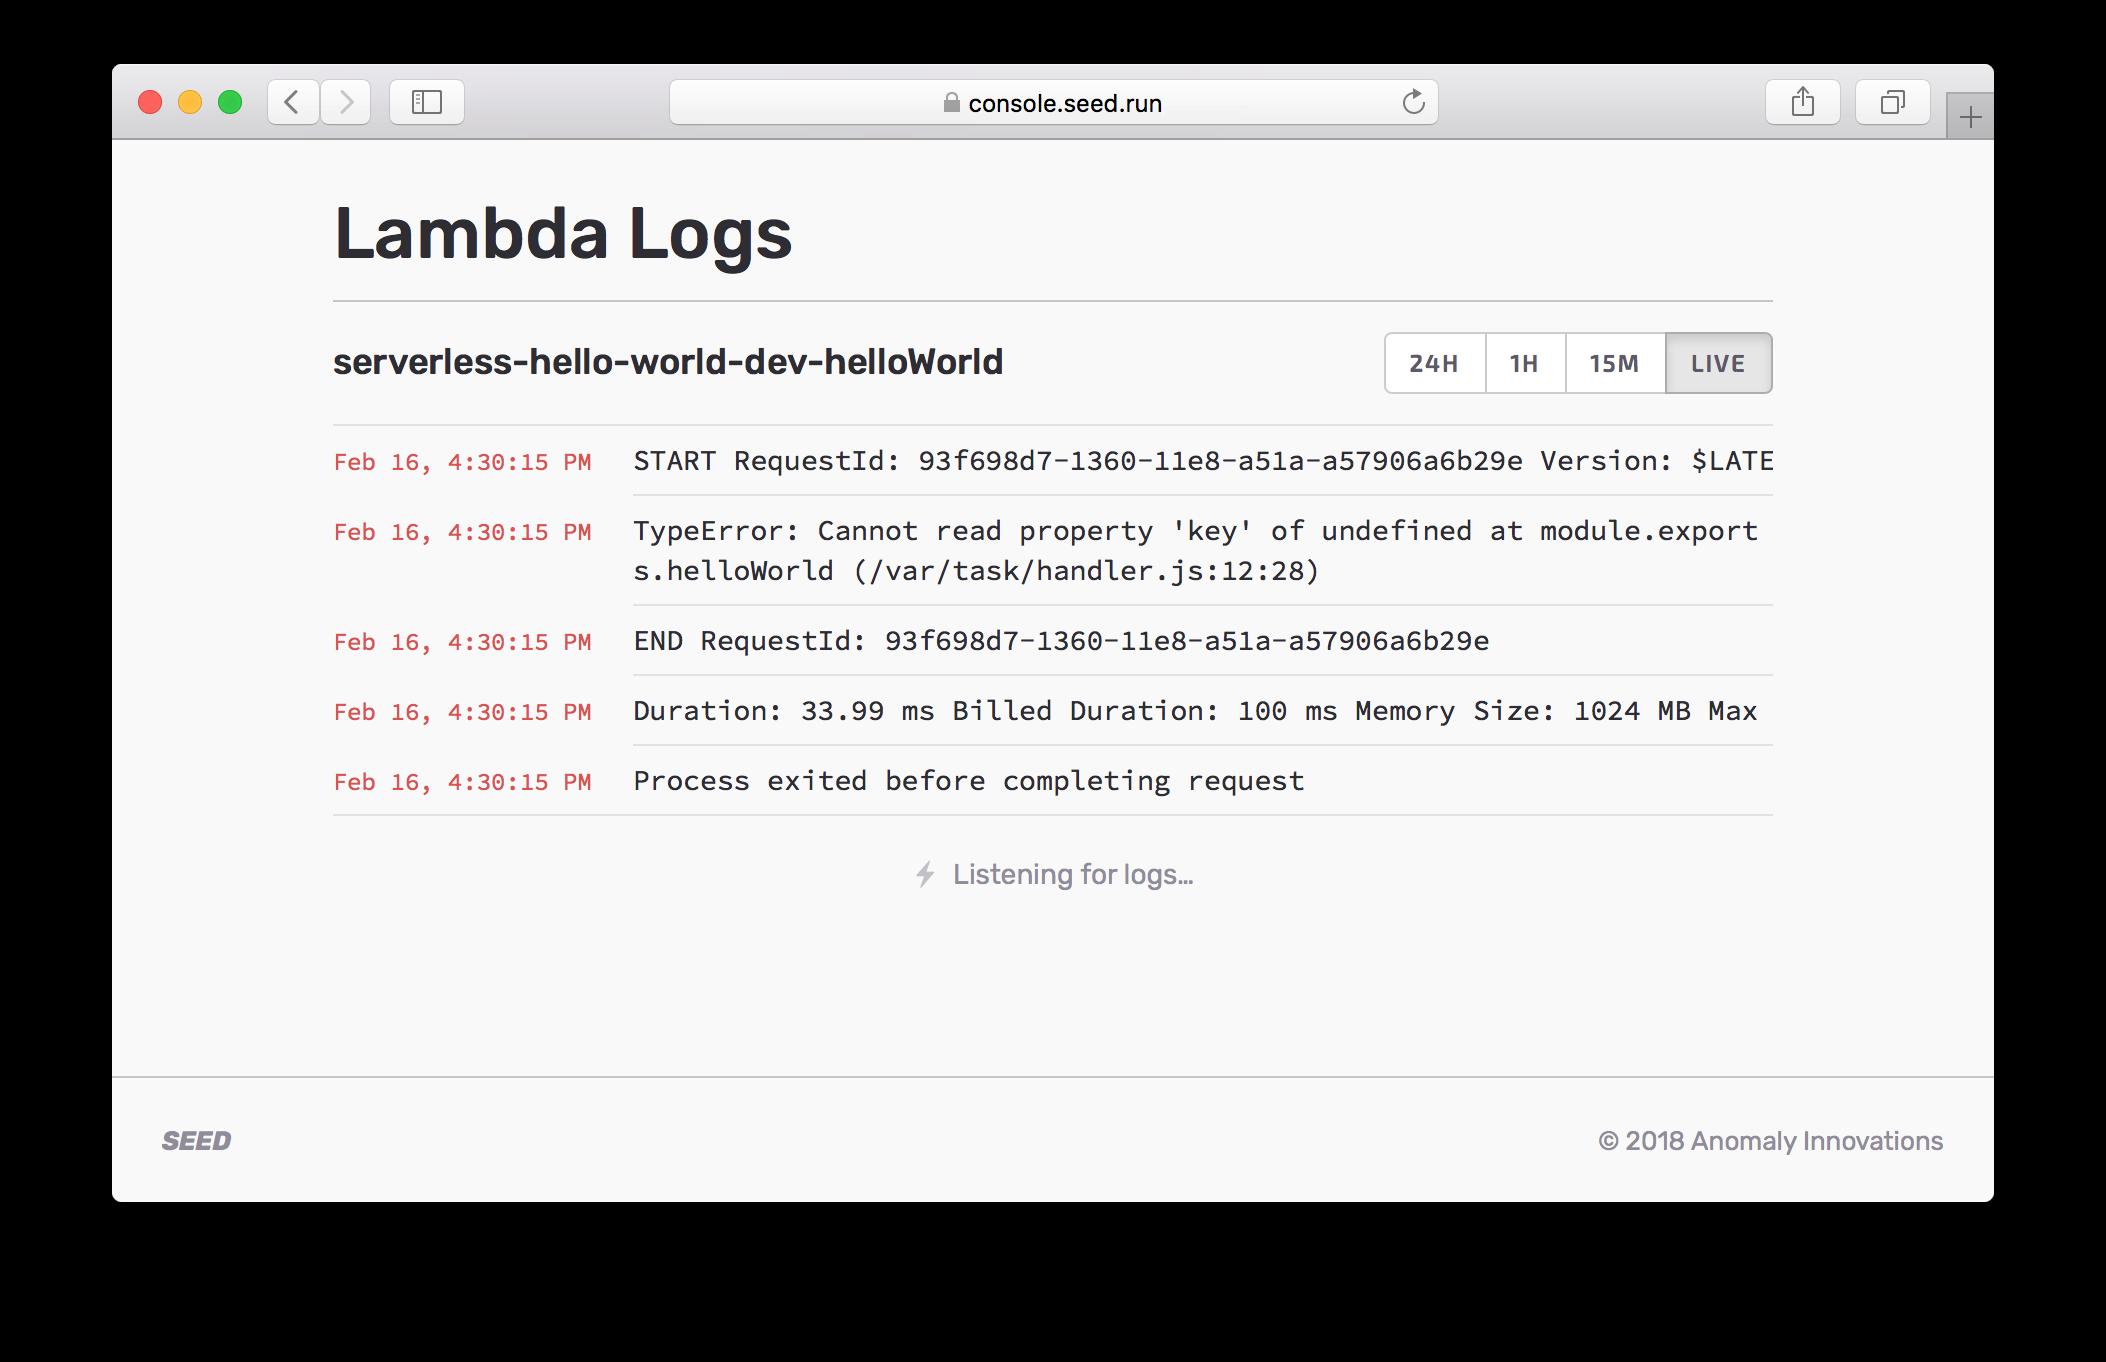 Lambda Logs Error